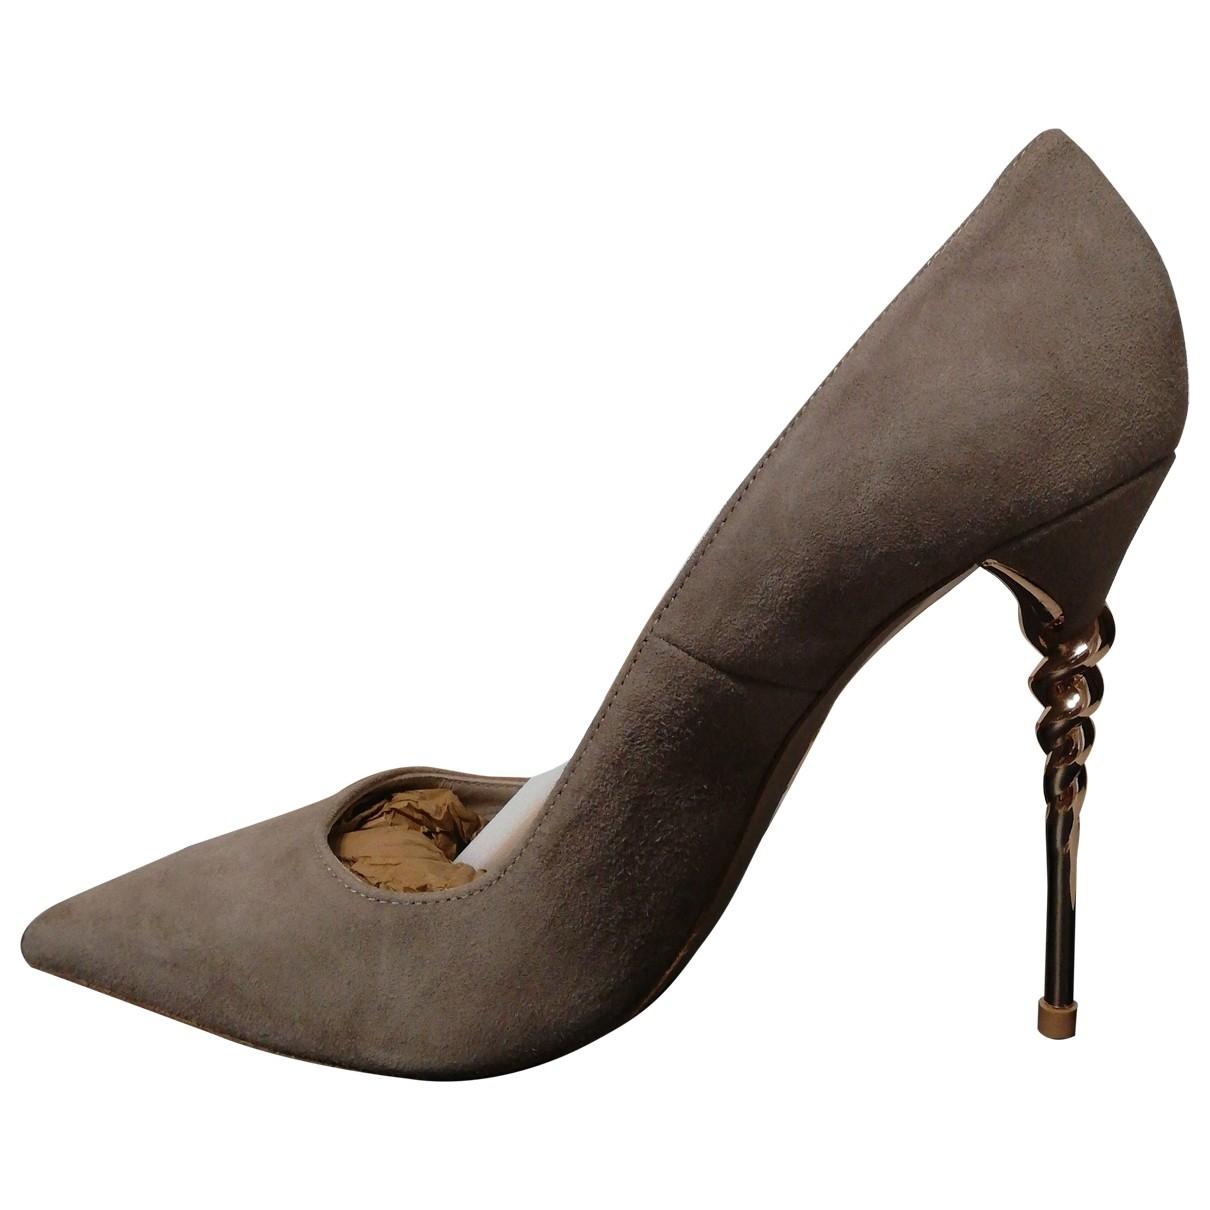 Le Silla - Escarpins   pour femme en suede - beige